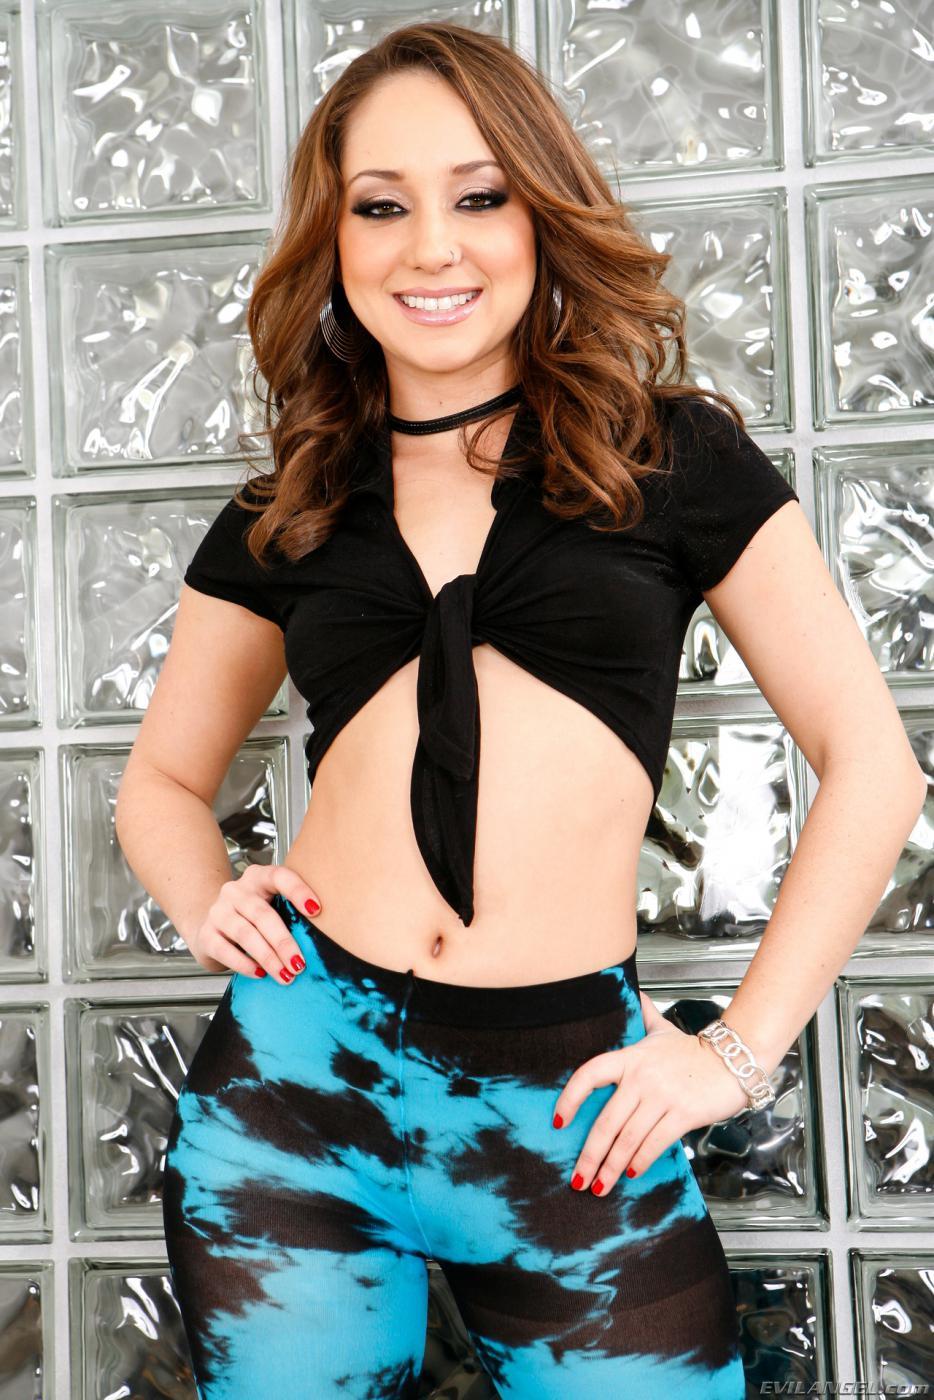 Модель с темными волосами Remy Lacroix эротично двигает жирной попой, одетой в колготки